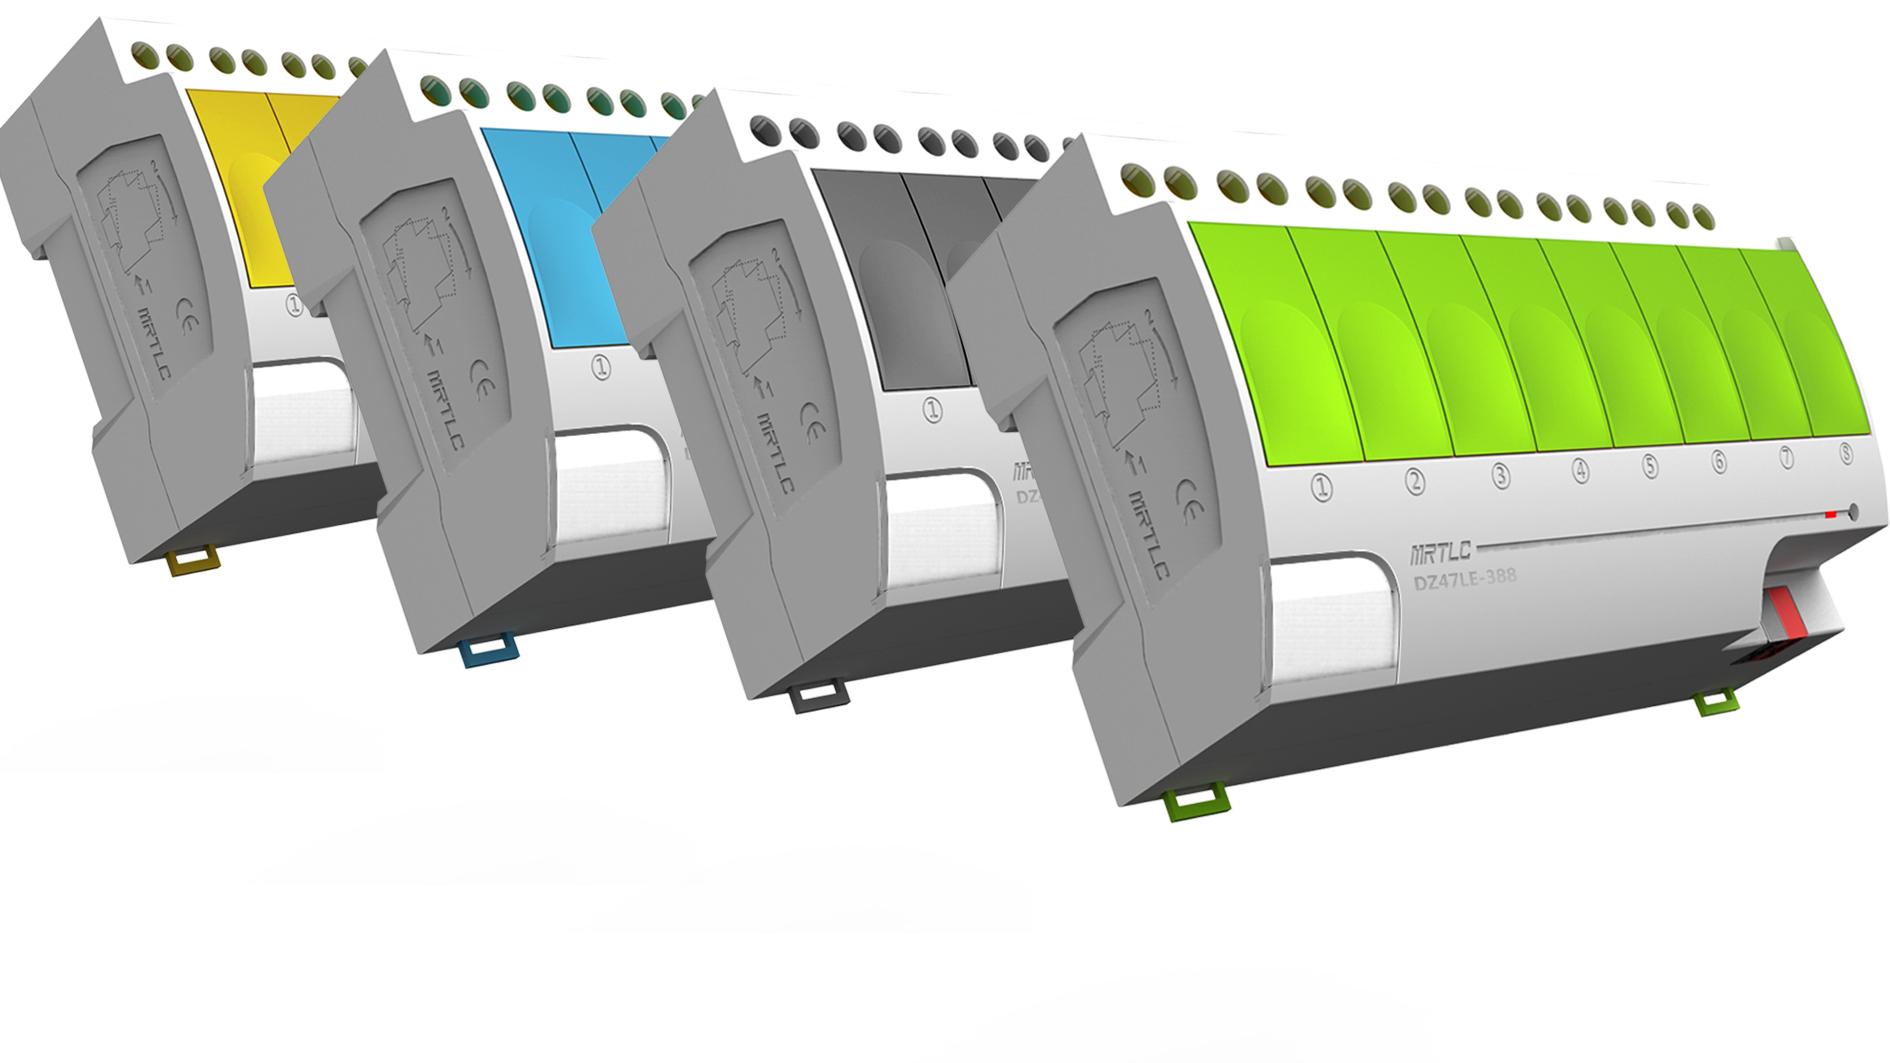 8路开关控制器2_产品设计-来设计